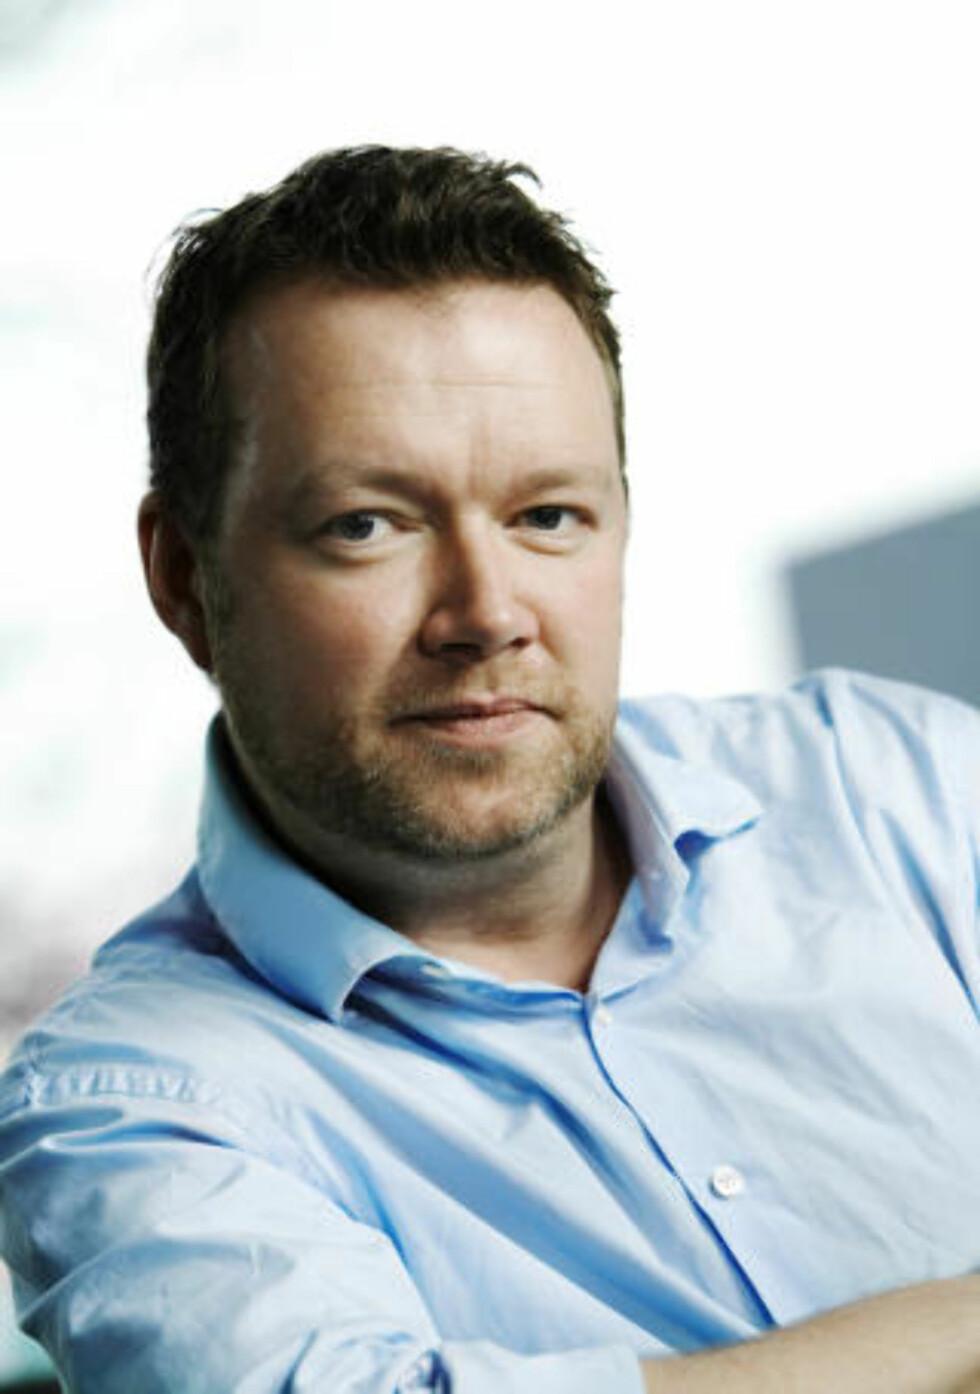 -VIKTIG MED VOKSENKONTAKT: Thomas Hepsøe i Medietilsynet ser digital mobbing også i Norge. Foto: Sverre Jarild/Medietilsynet